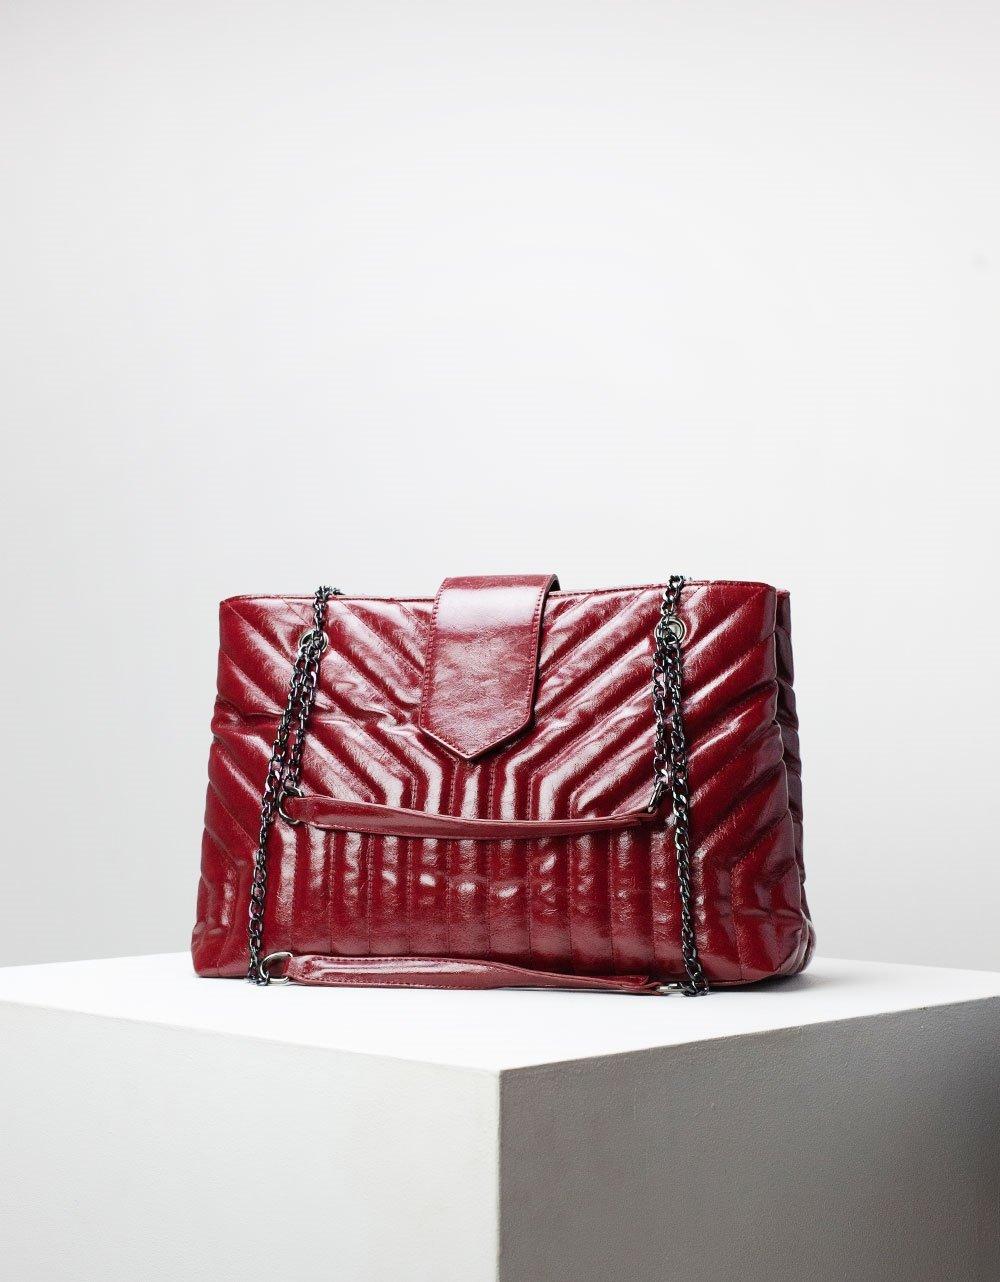 Εικόνα από Γυναικεία τσάντα ώμου & χιαστί με αλυσίδα Μπορντώ